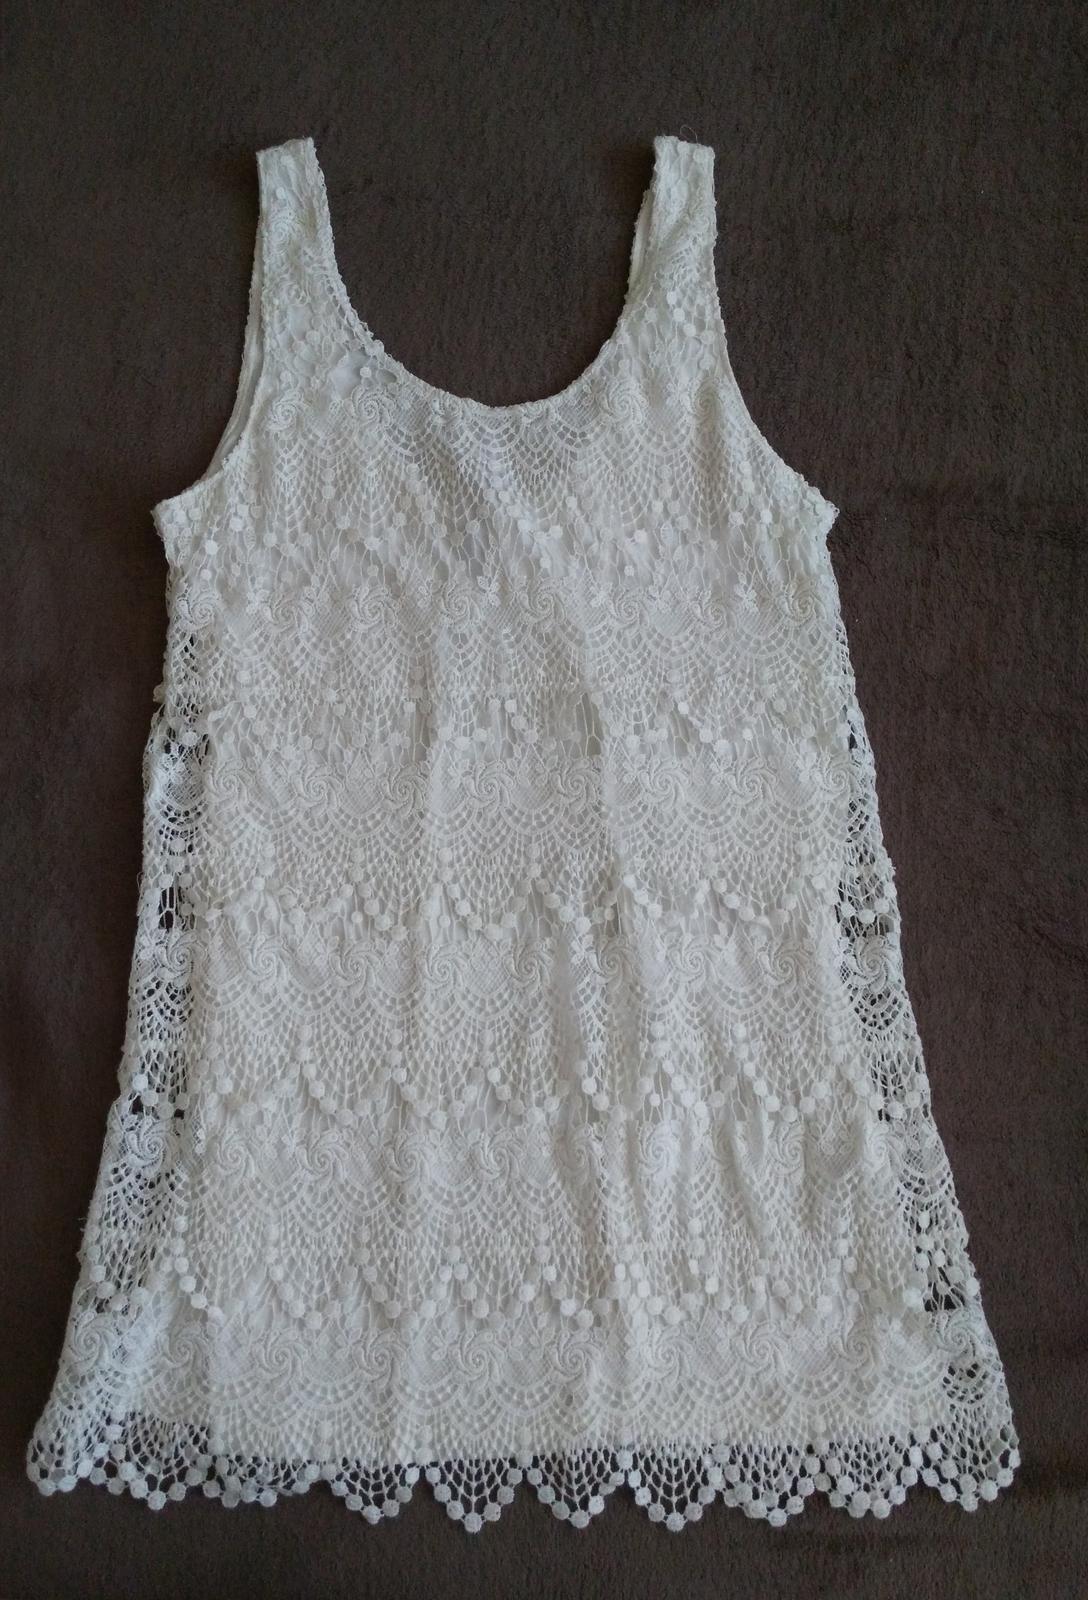 Biele čipkované šaty 40 (L) - Obrázok č. 1